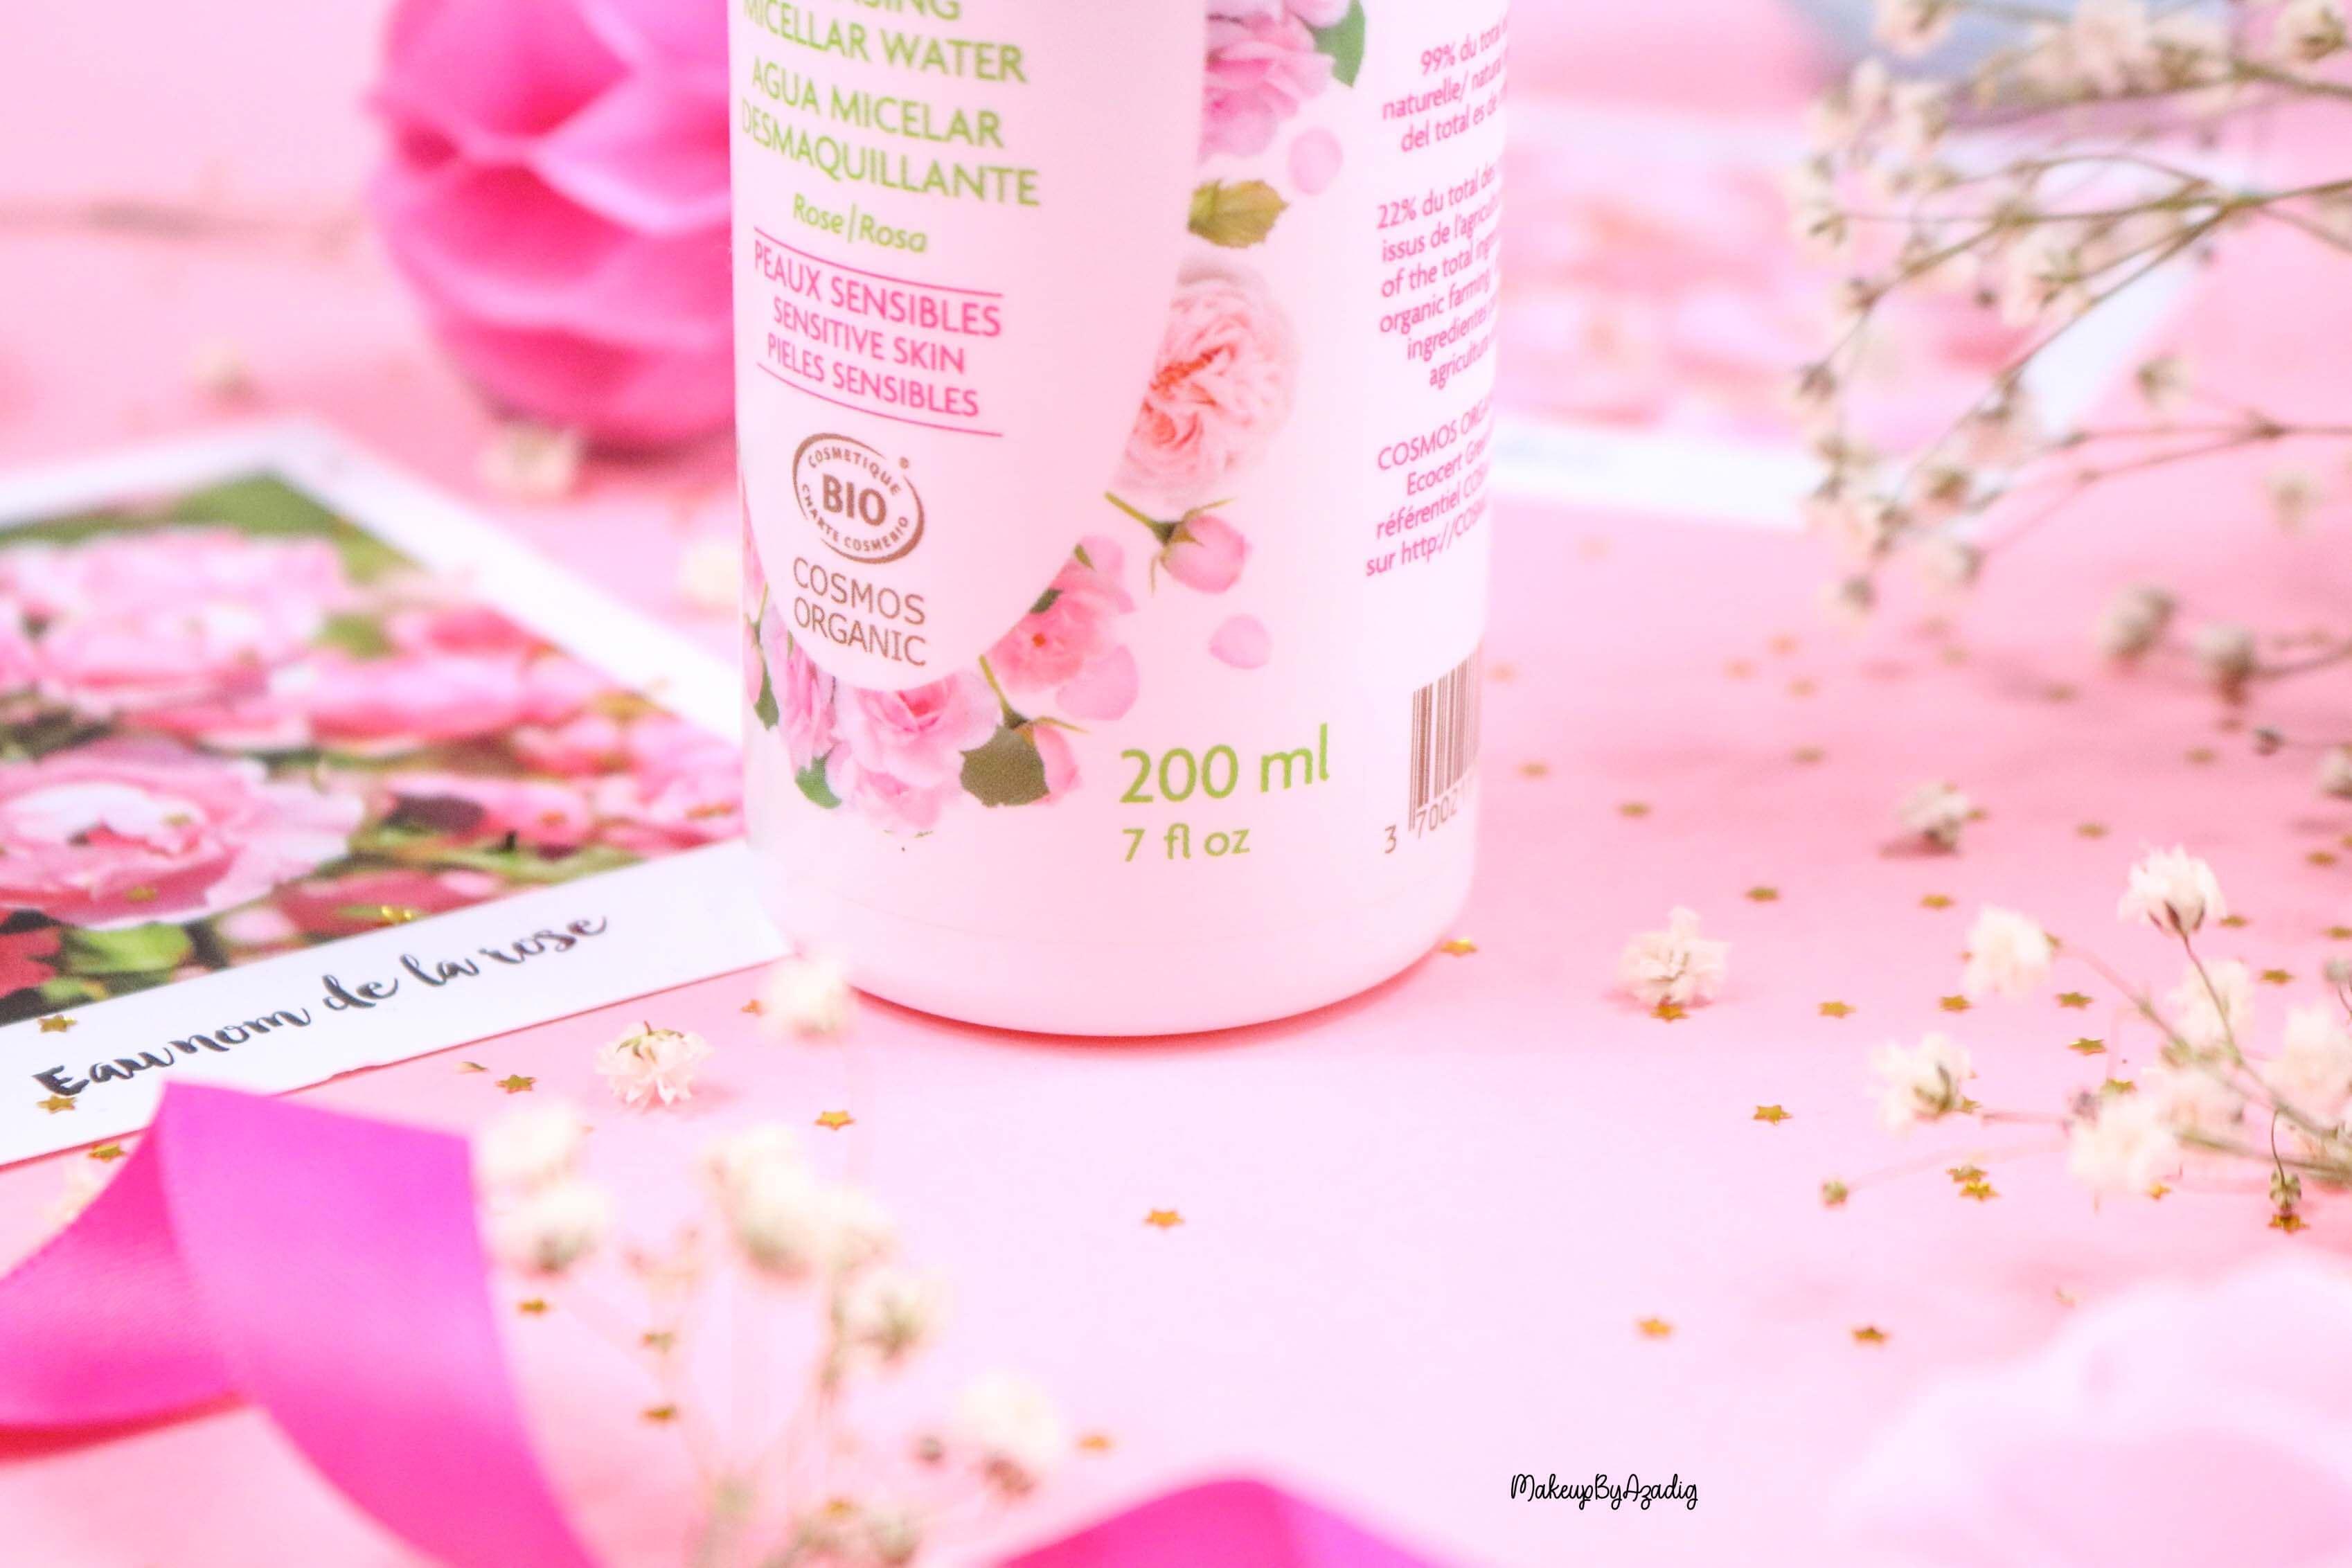 revue-eau-micellaire-demaquillante-eau-florale-rose-fleurance-nature-demaquillage-parfait-peau-acneique-makeupbyazadig-avis-prix-promo-quantite